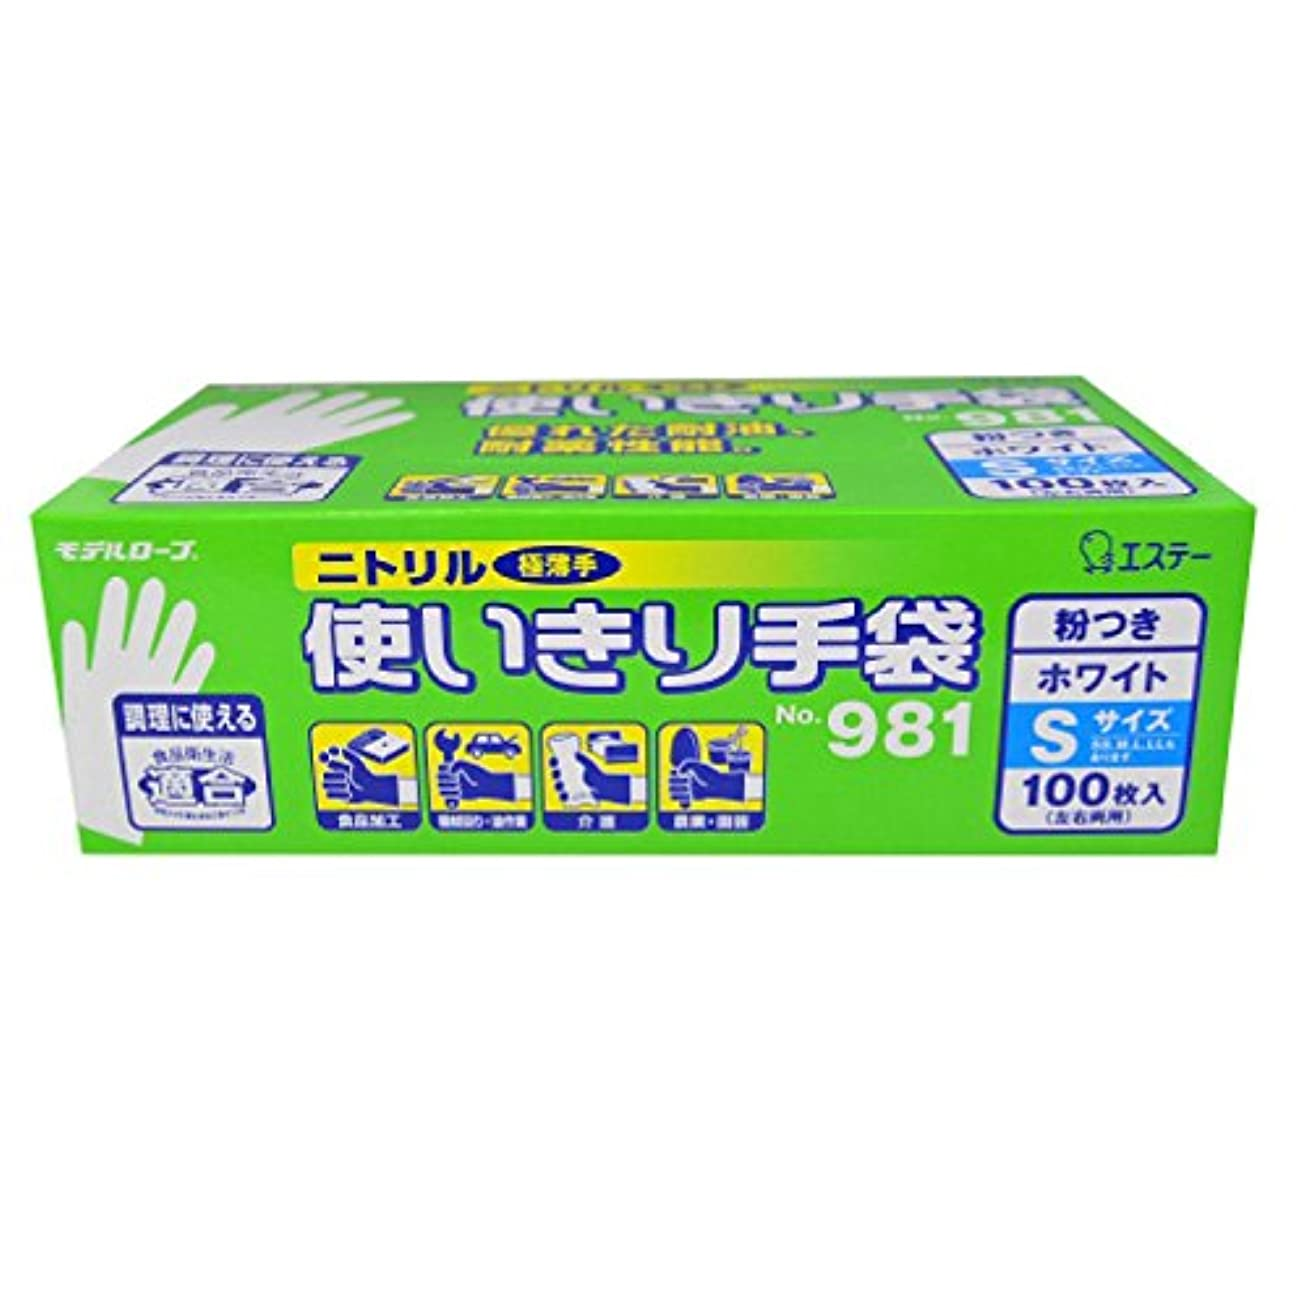 視線憂鬱衣装エステー 二トリル手袋 粉付(100枚入)S ブルー No.981